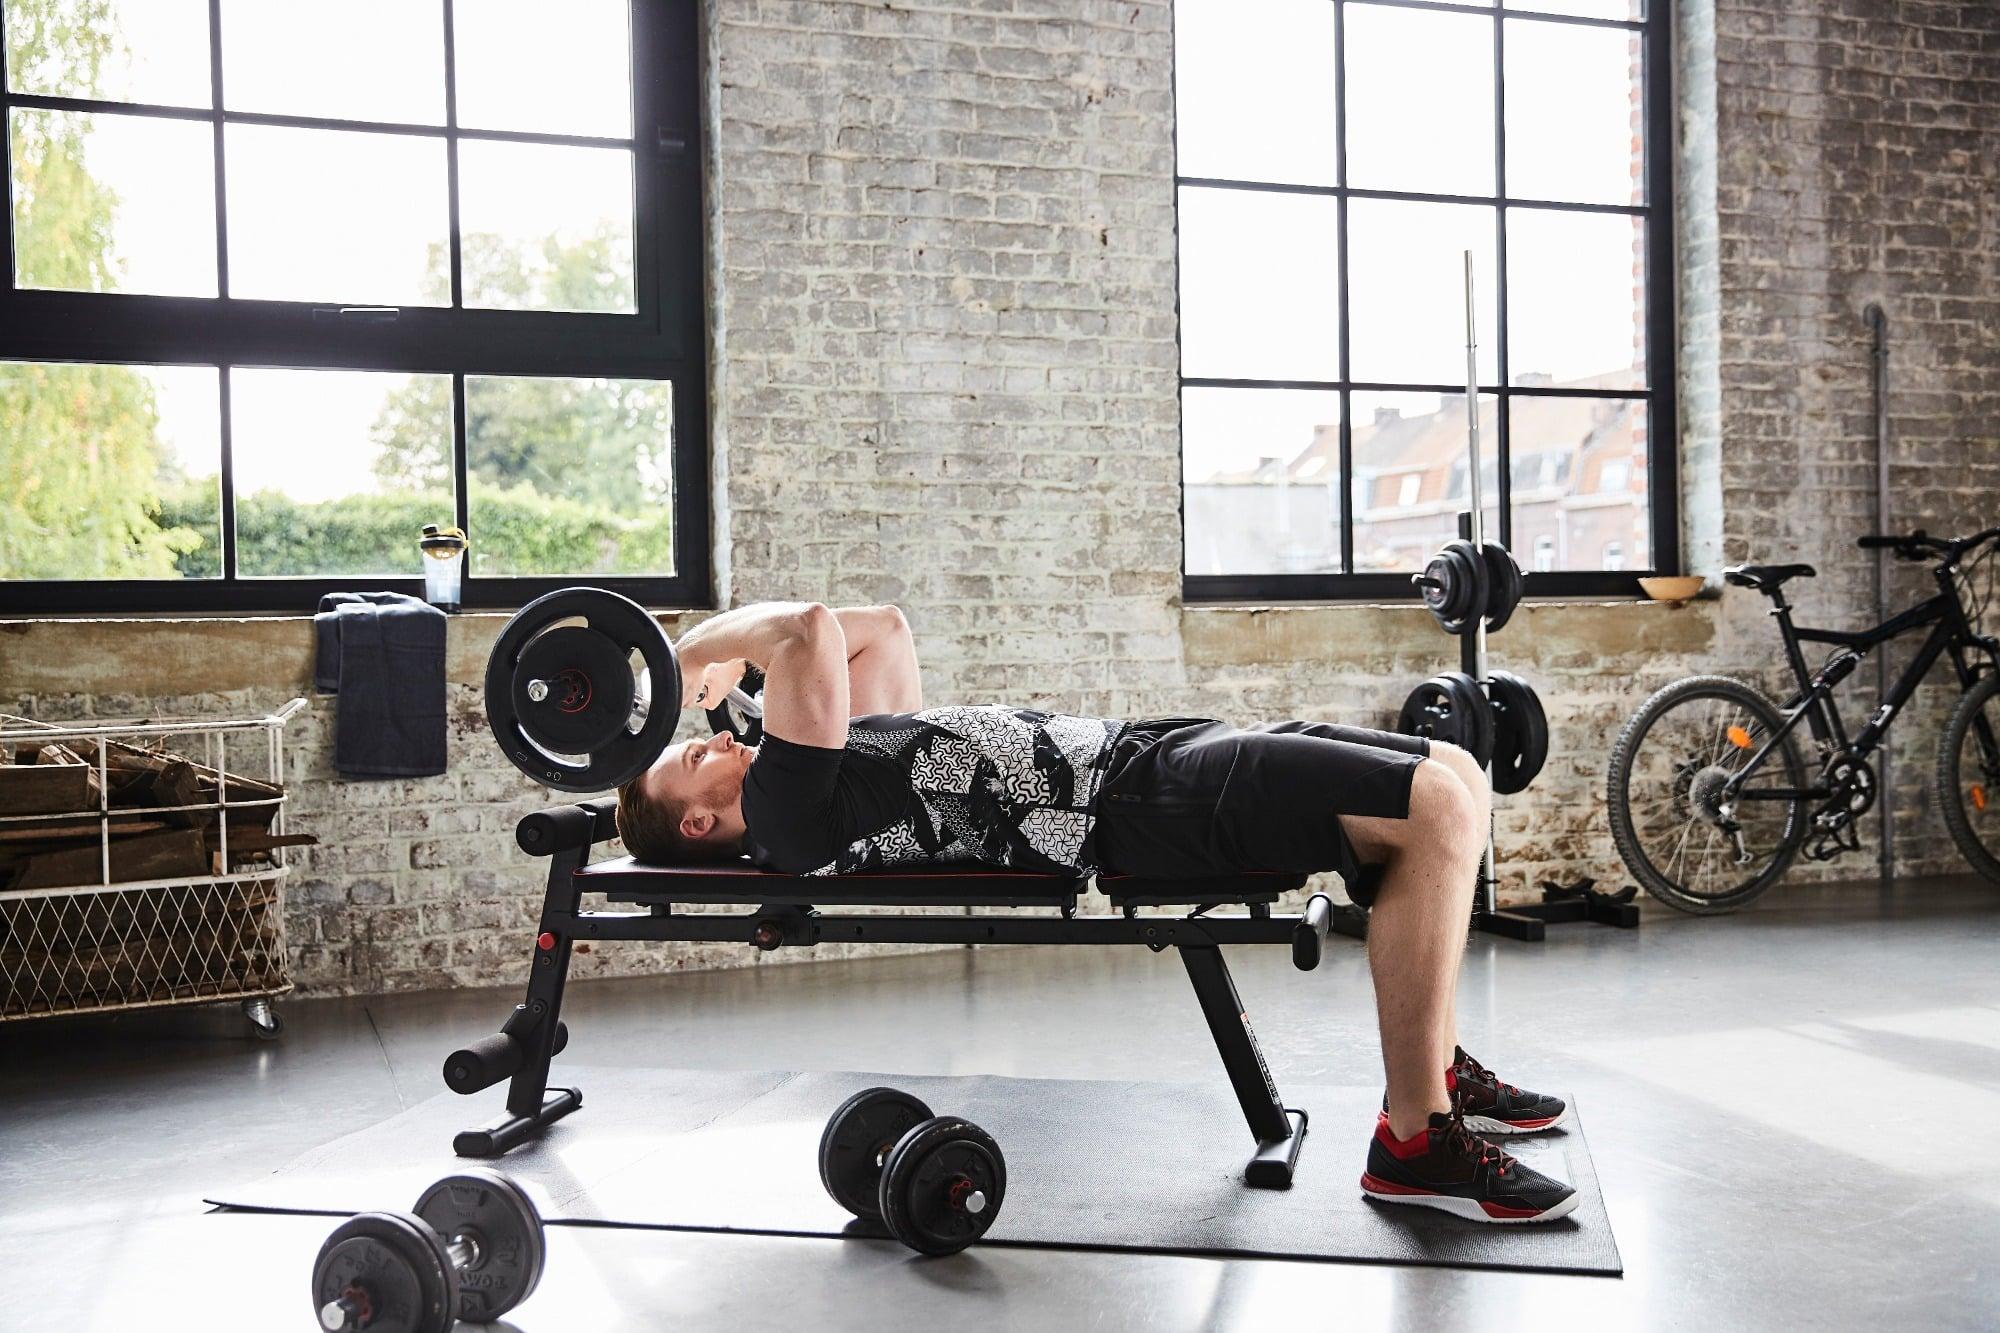 Exercice banc de musculation banc de musculation care gym - Notice de montage banc de musculation domyos hg050 ...